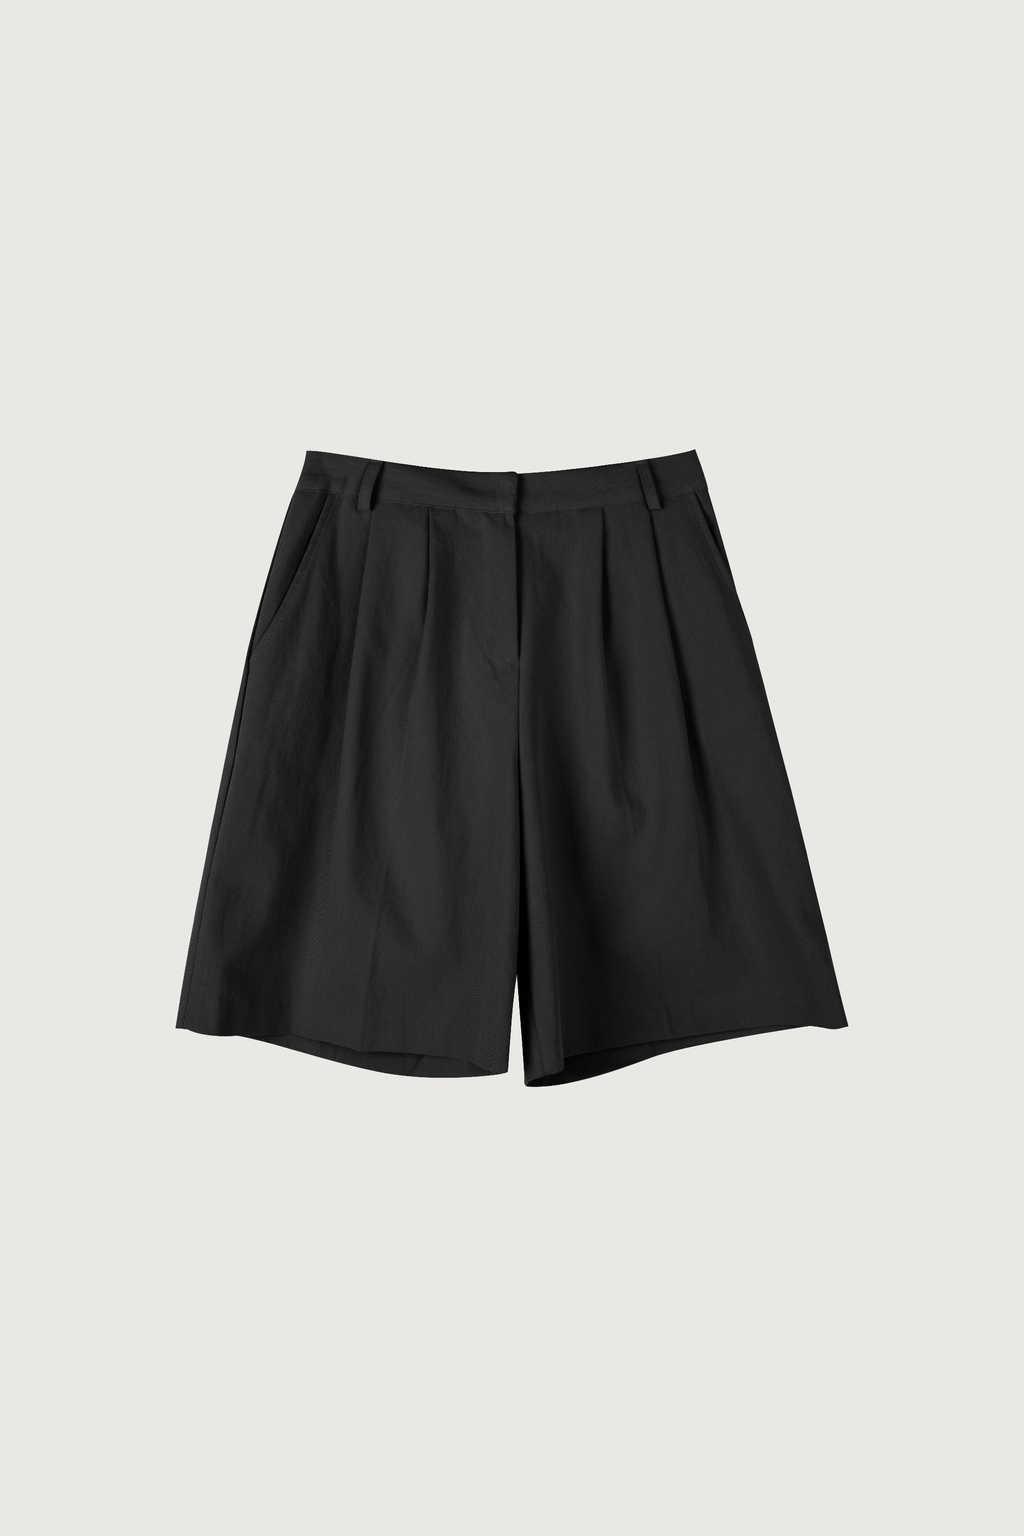 Short K004 Black 7